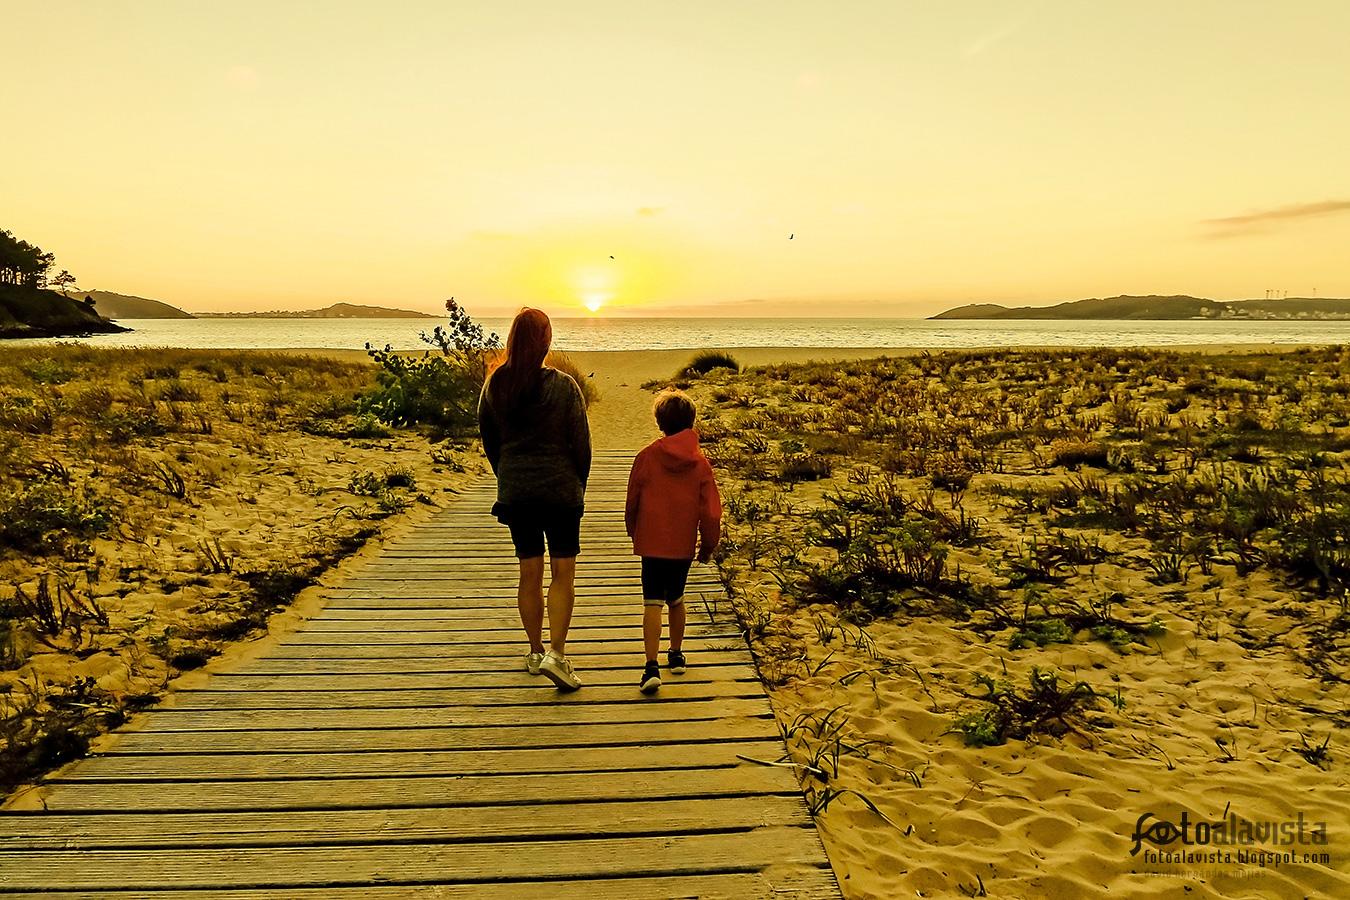 El final del verano - Fotografía artística